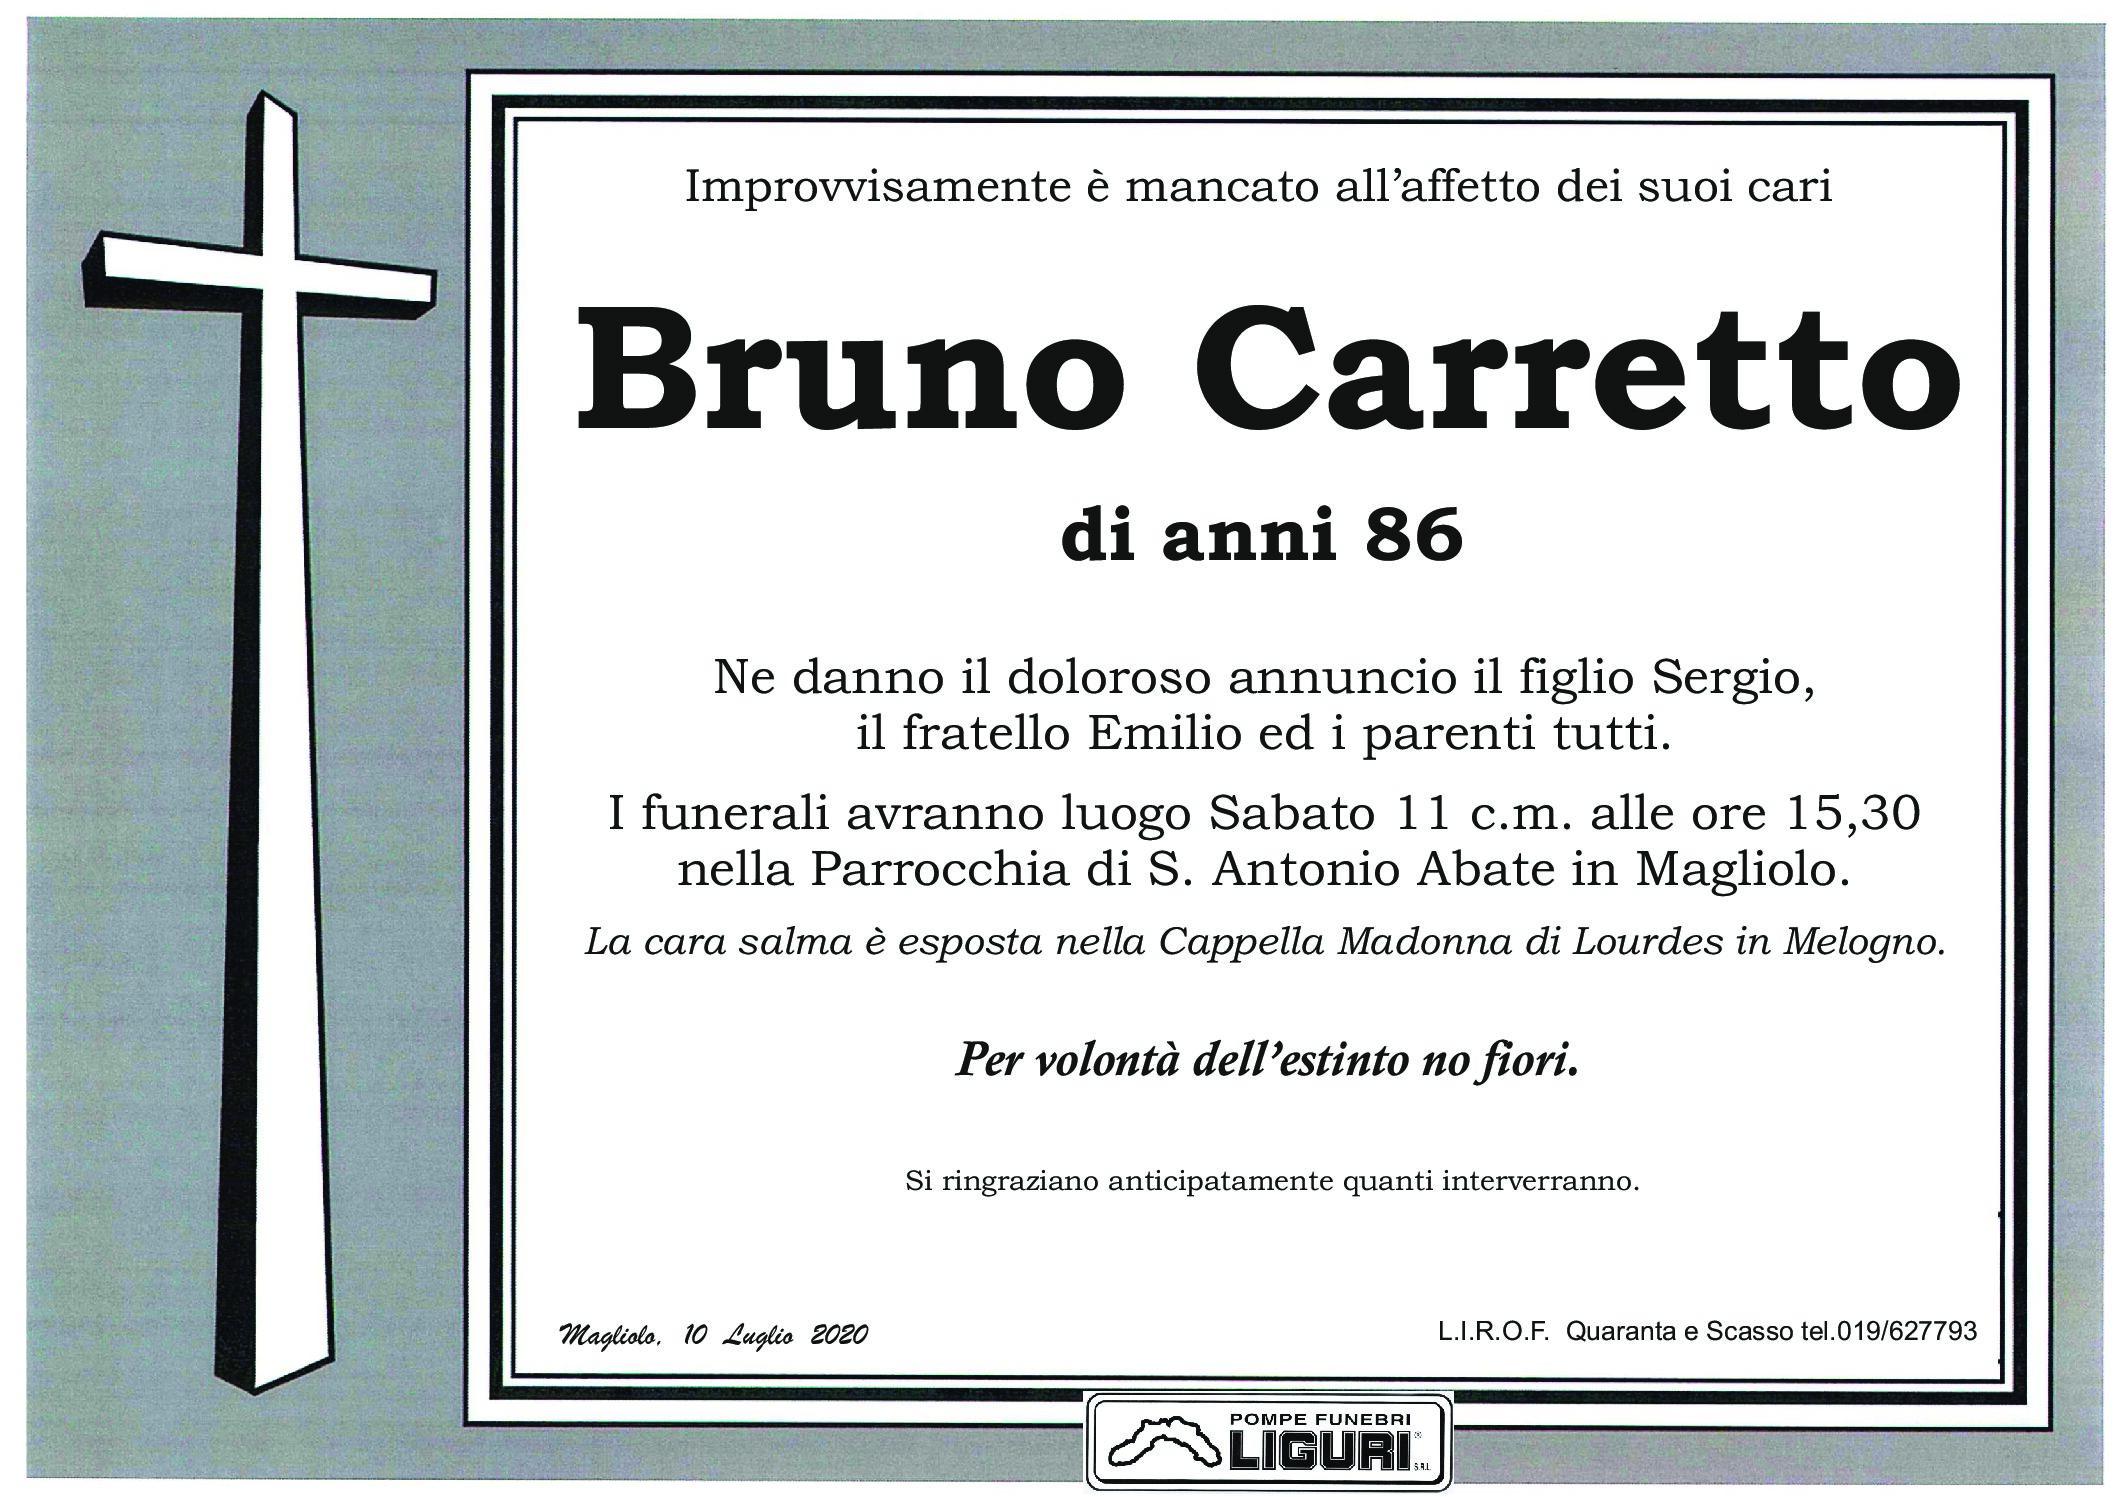 Carretto Bruno